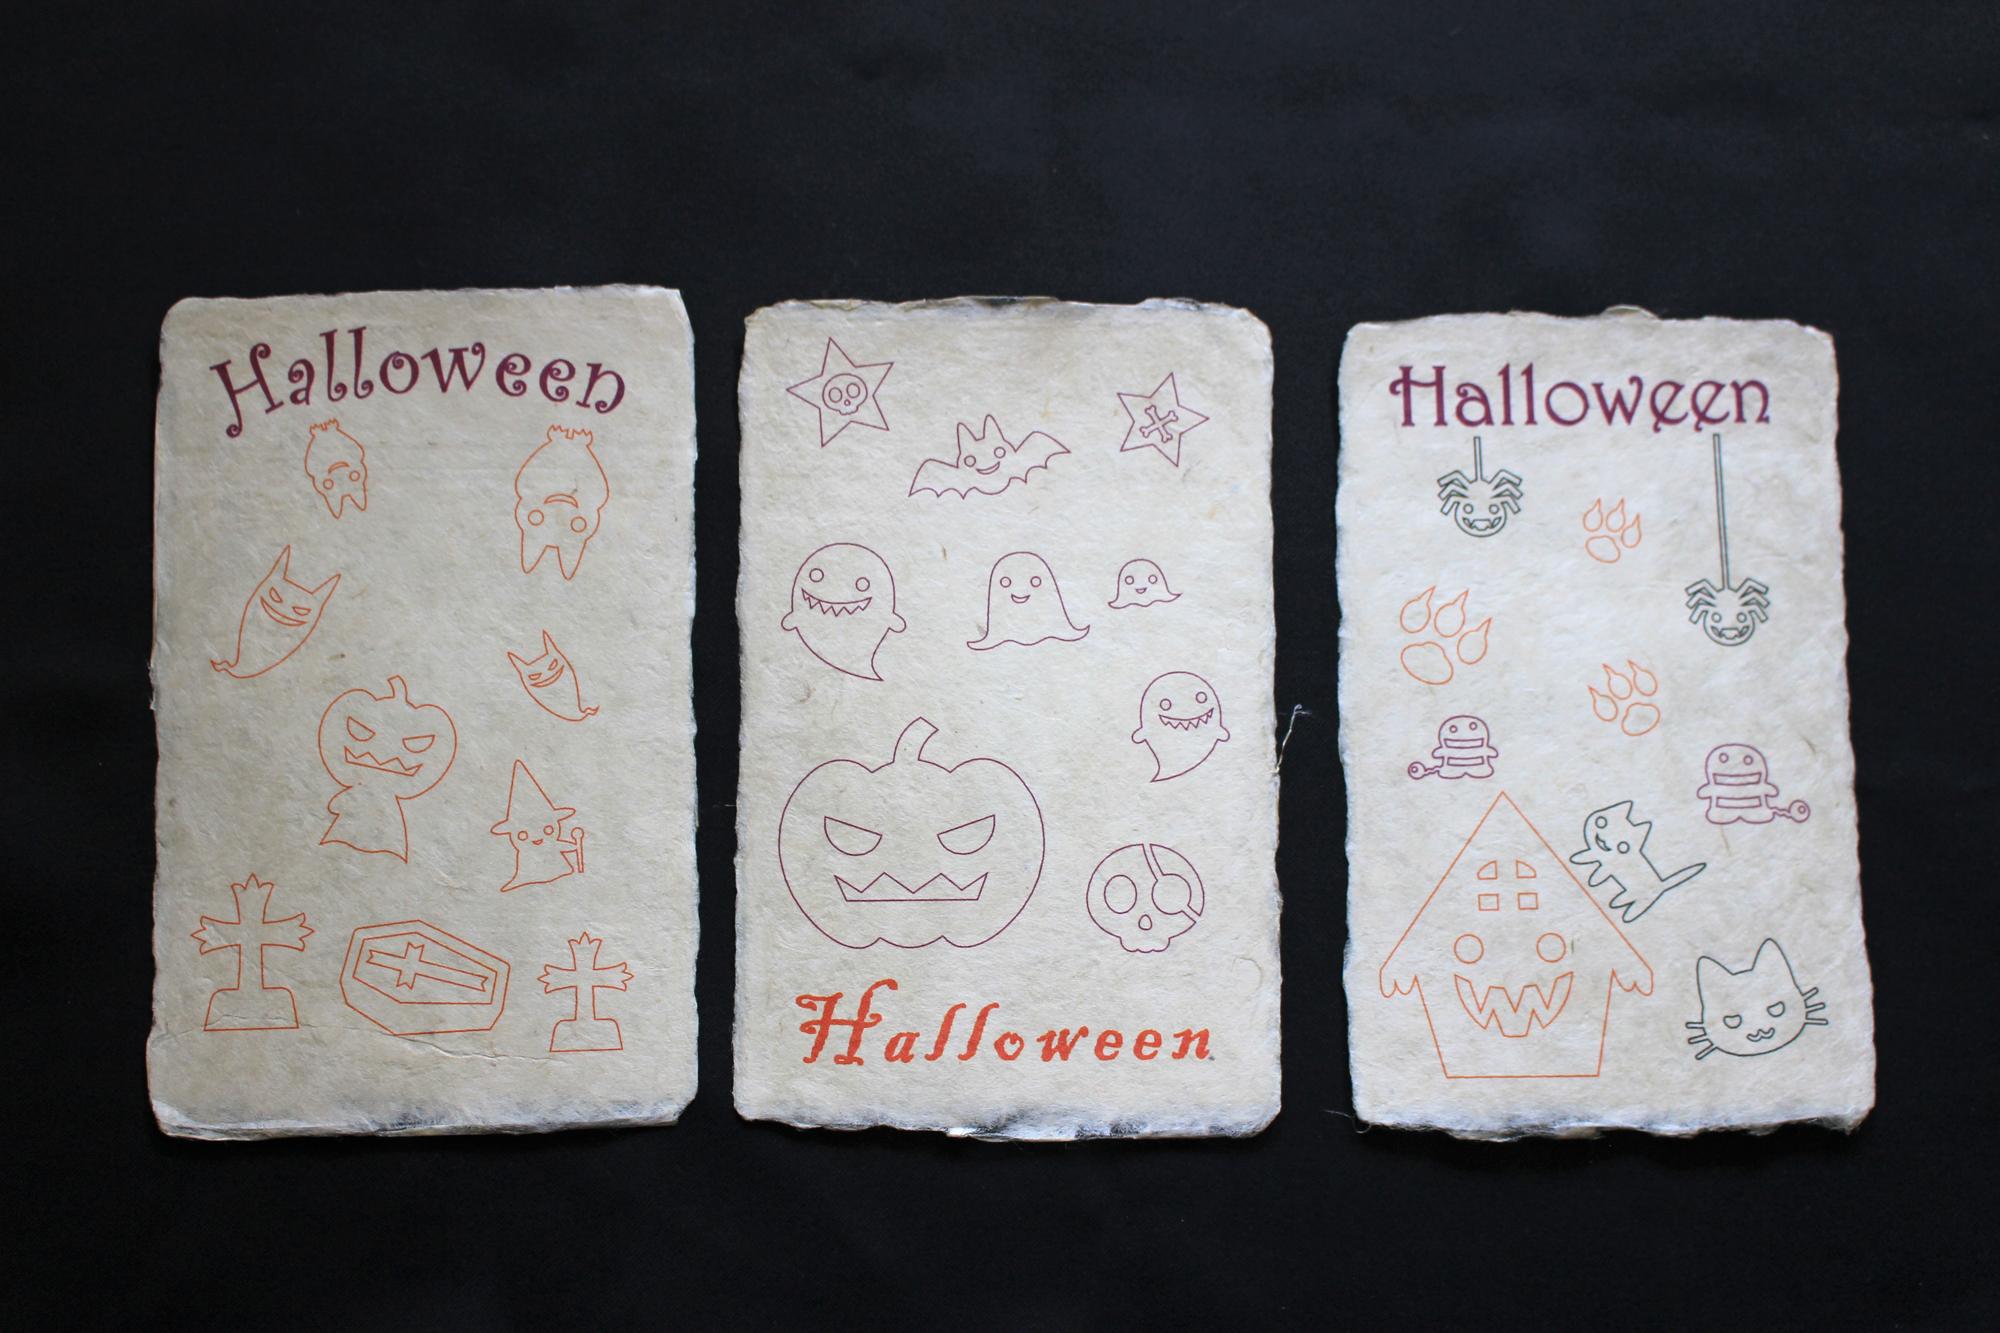 ハロウィン手すき和紙塗り絵カード